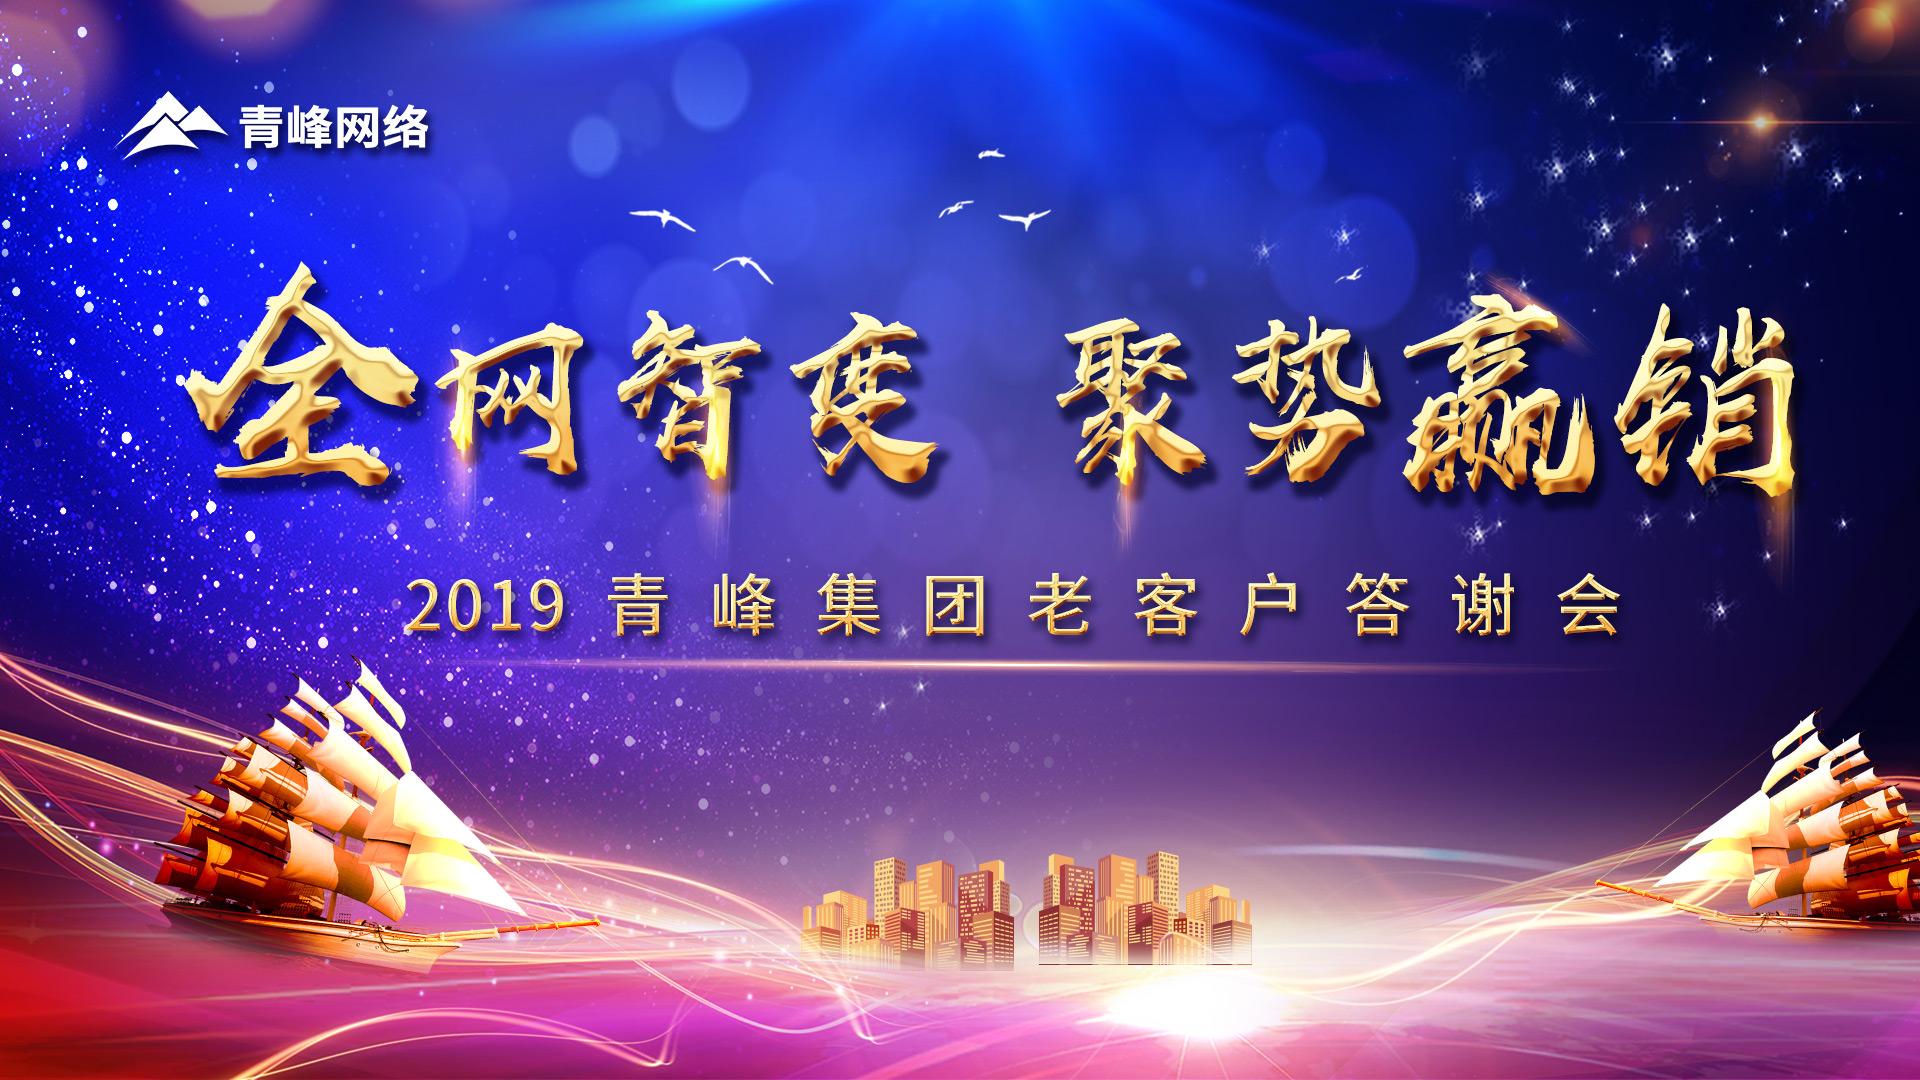 全网智变 聚势赢销丨2019洛阳青峰网站客户年终答谢会圆满成功!